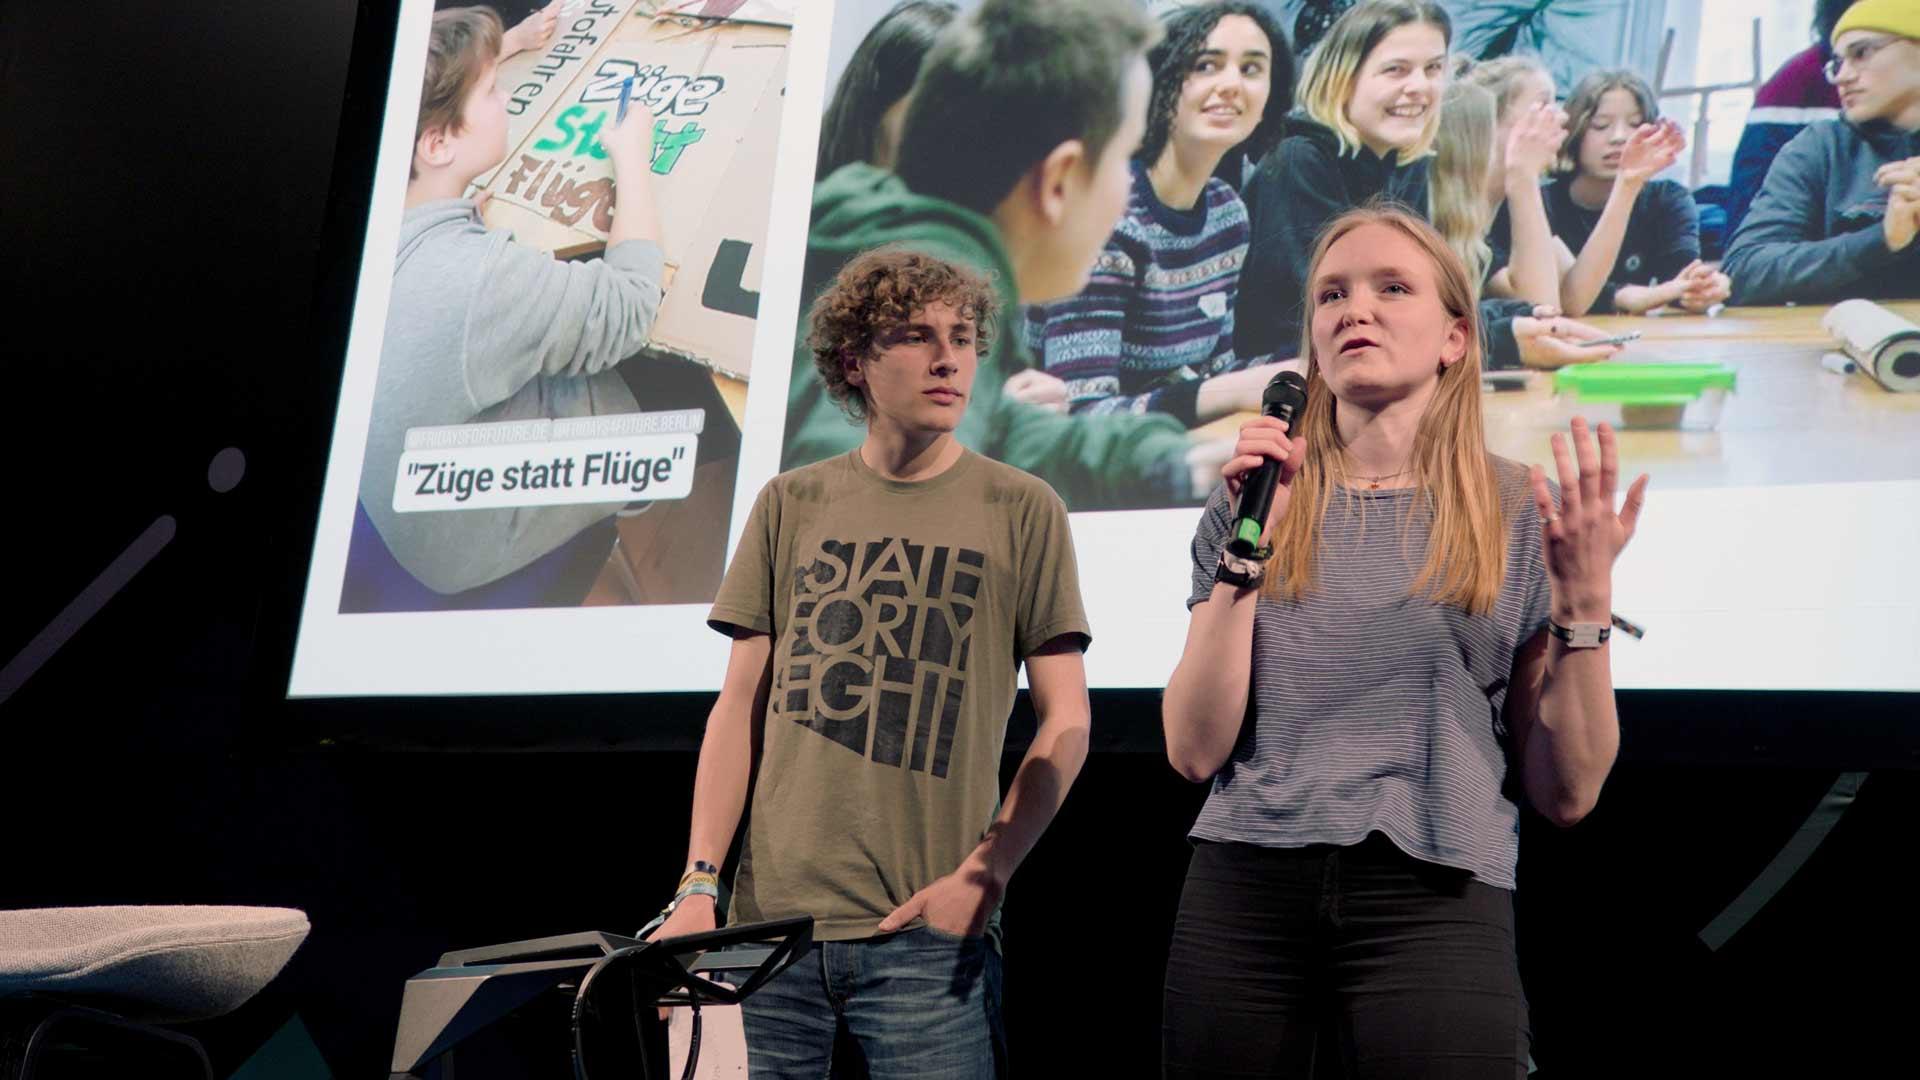 Aktivistin von fridays for future berichtet vor Publikum über die Entstehung der Bewegung